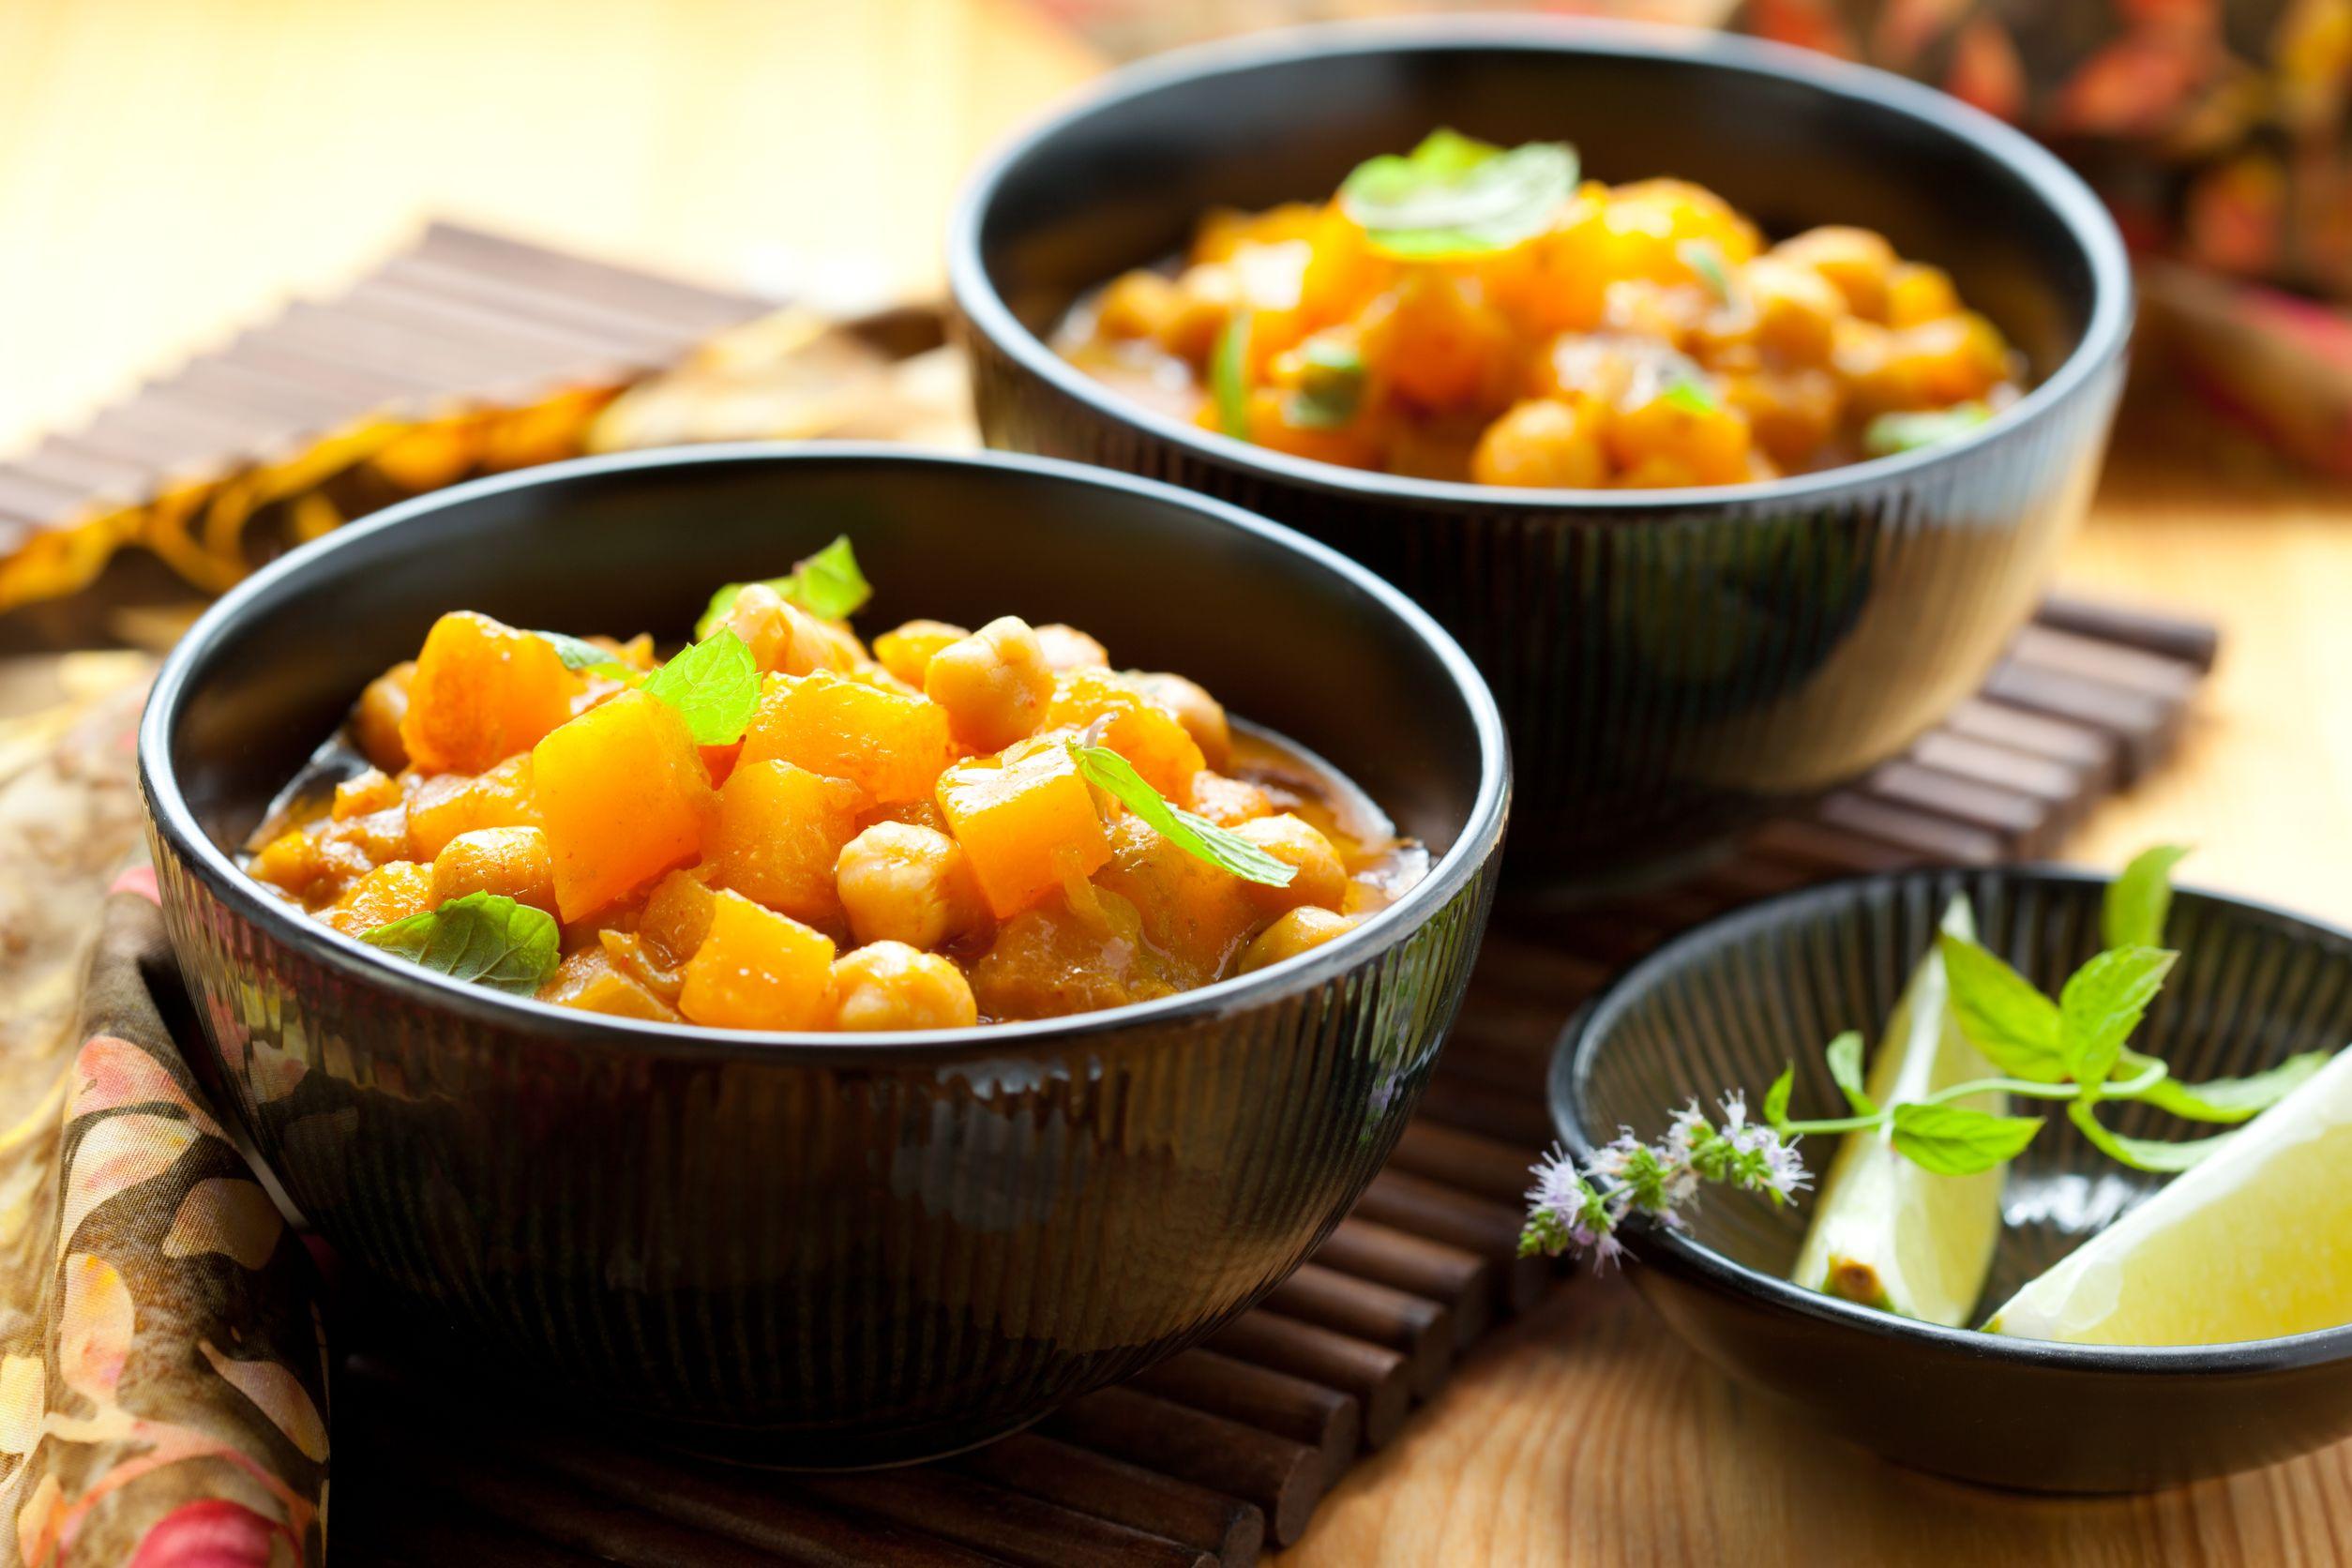 Zöldségragu curryvel - Egészségséfünk ajánlja